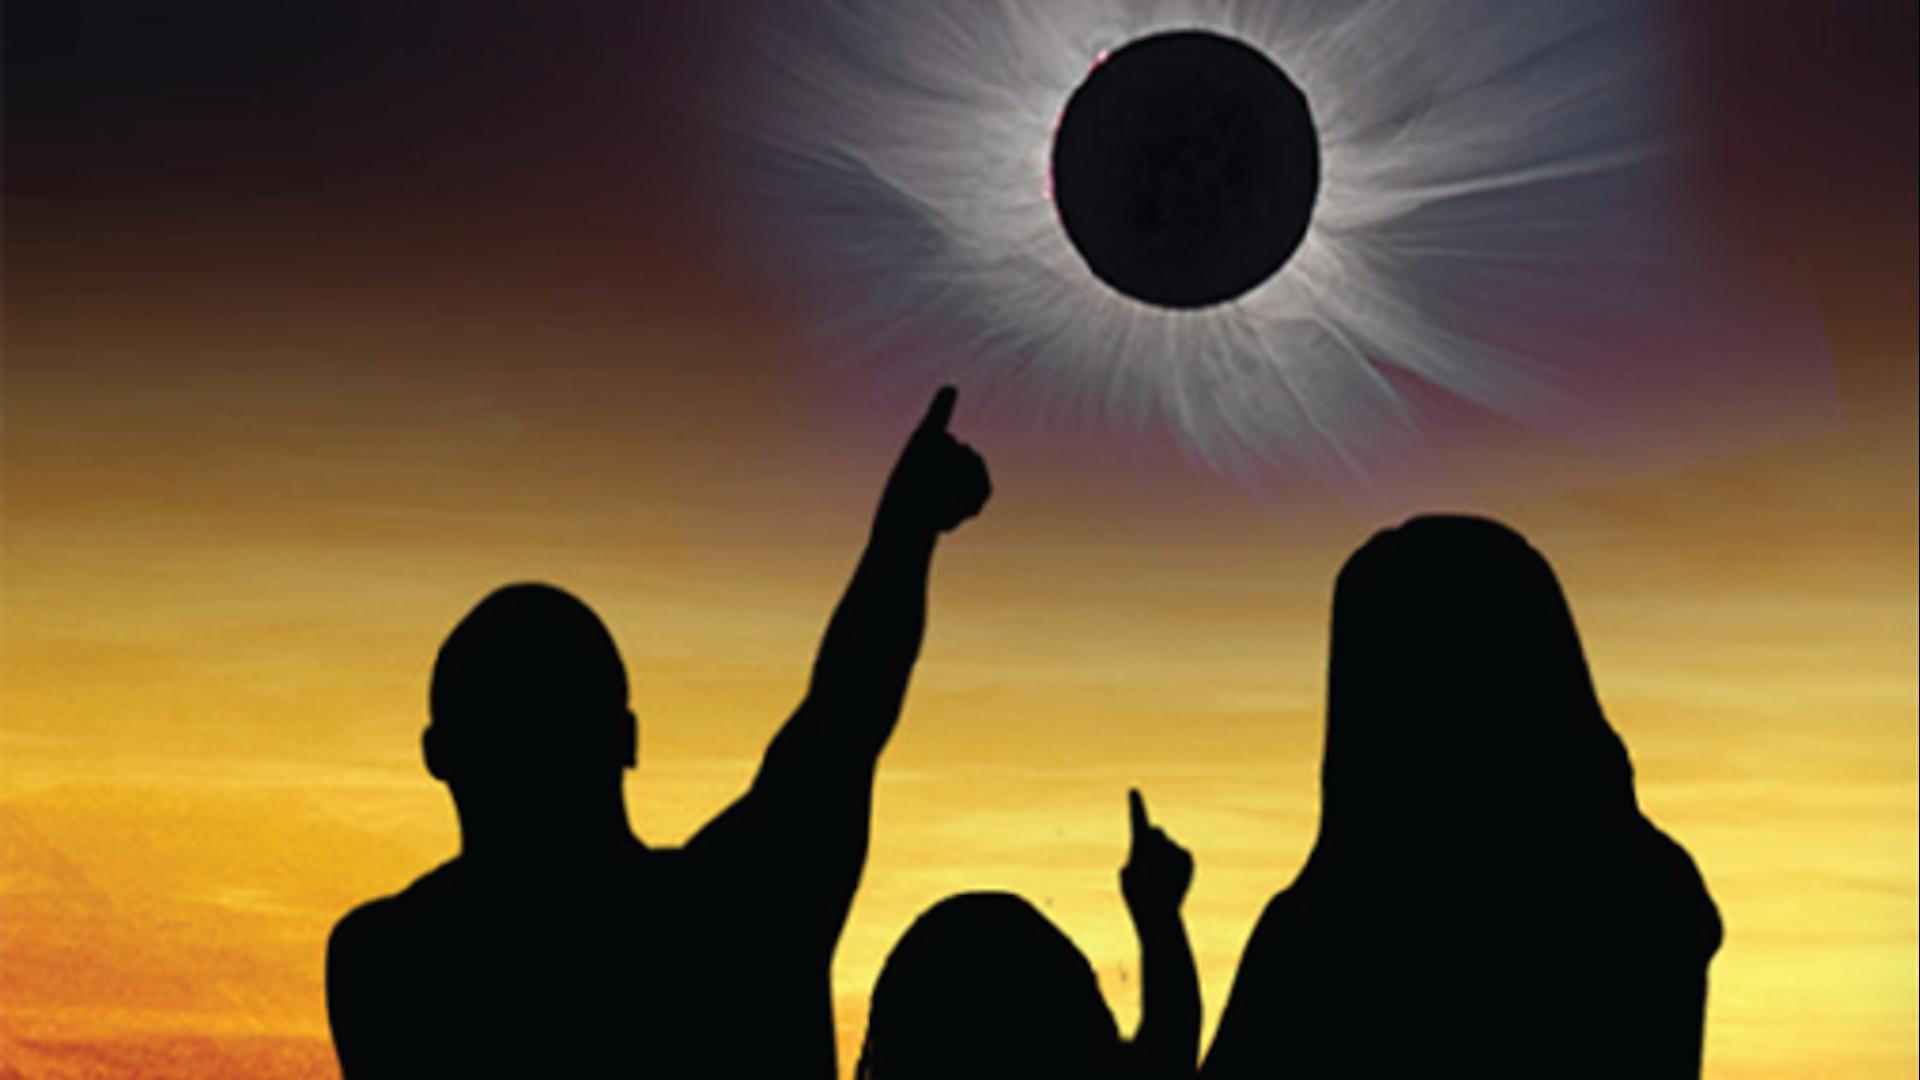 El eclipse total de Sol del 14 de diciembre: transmisión online de la NASA